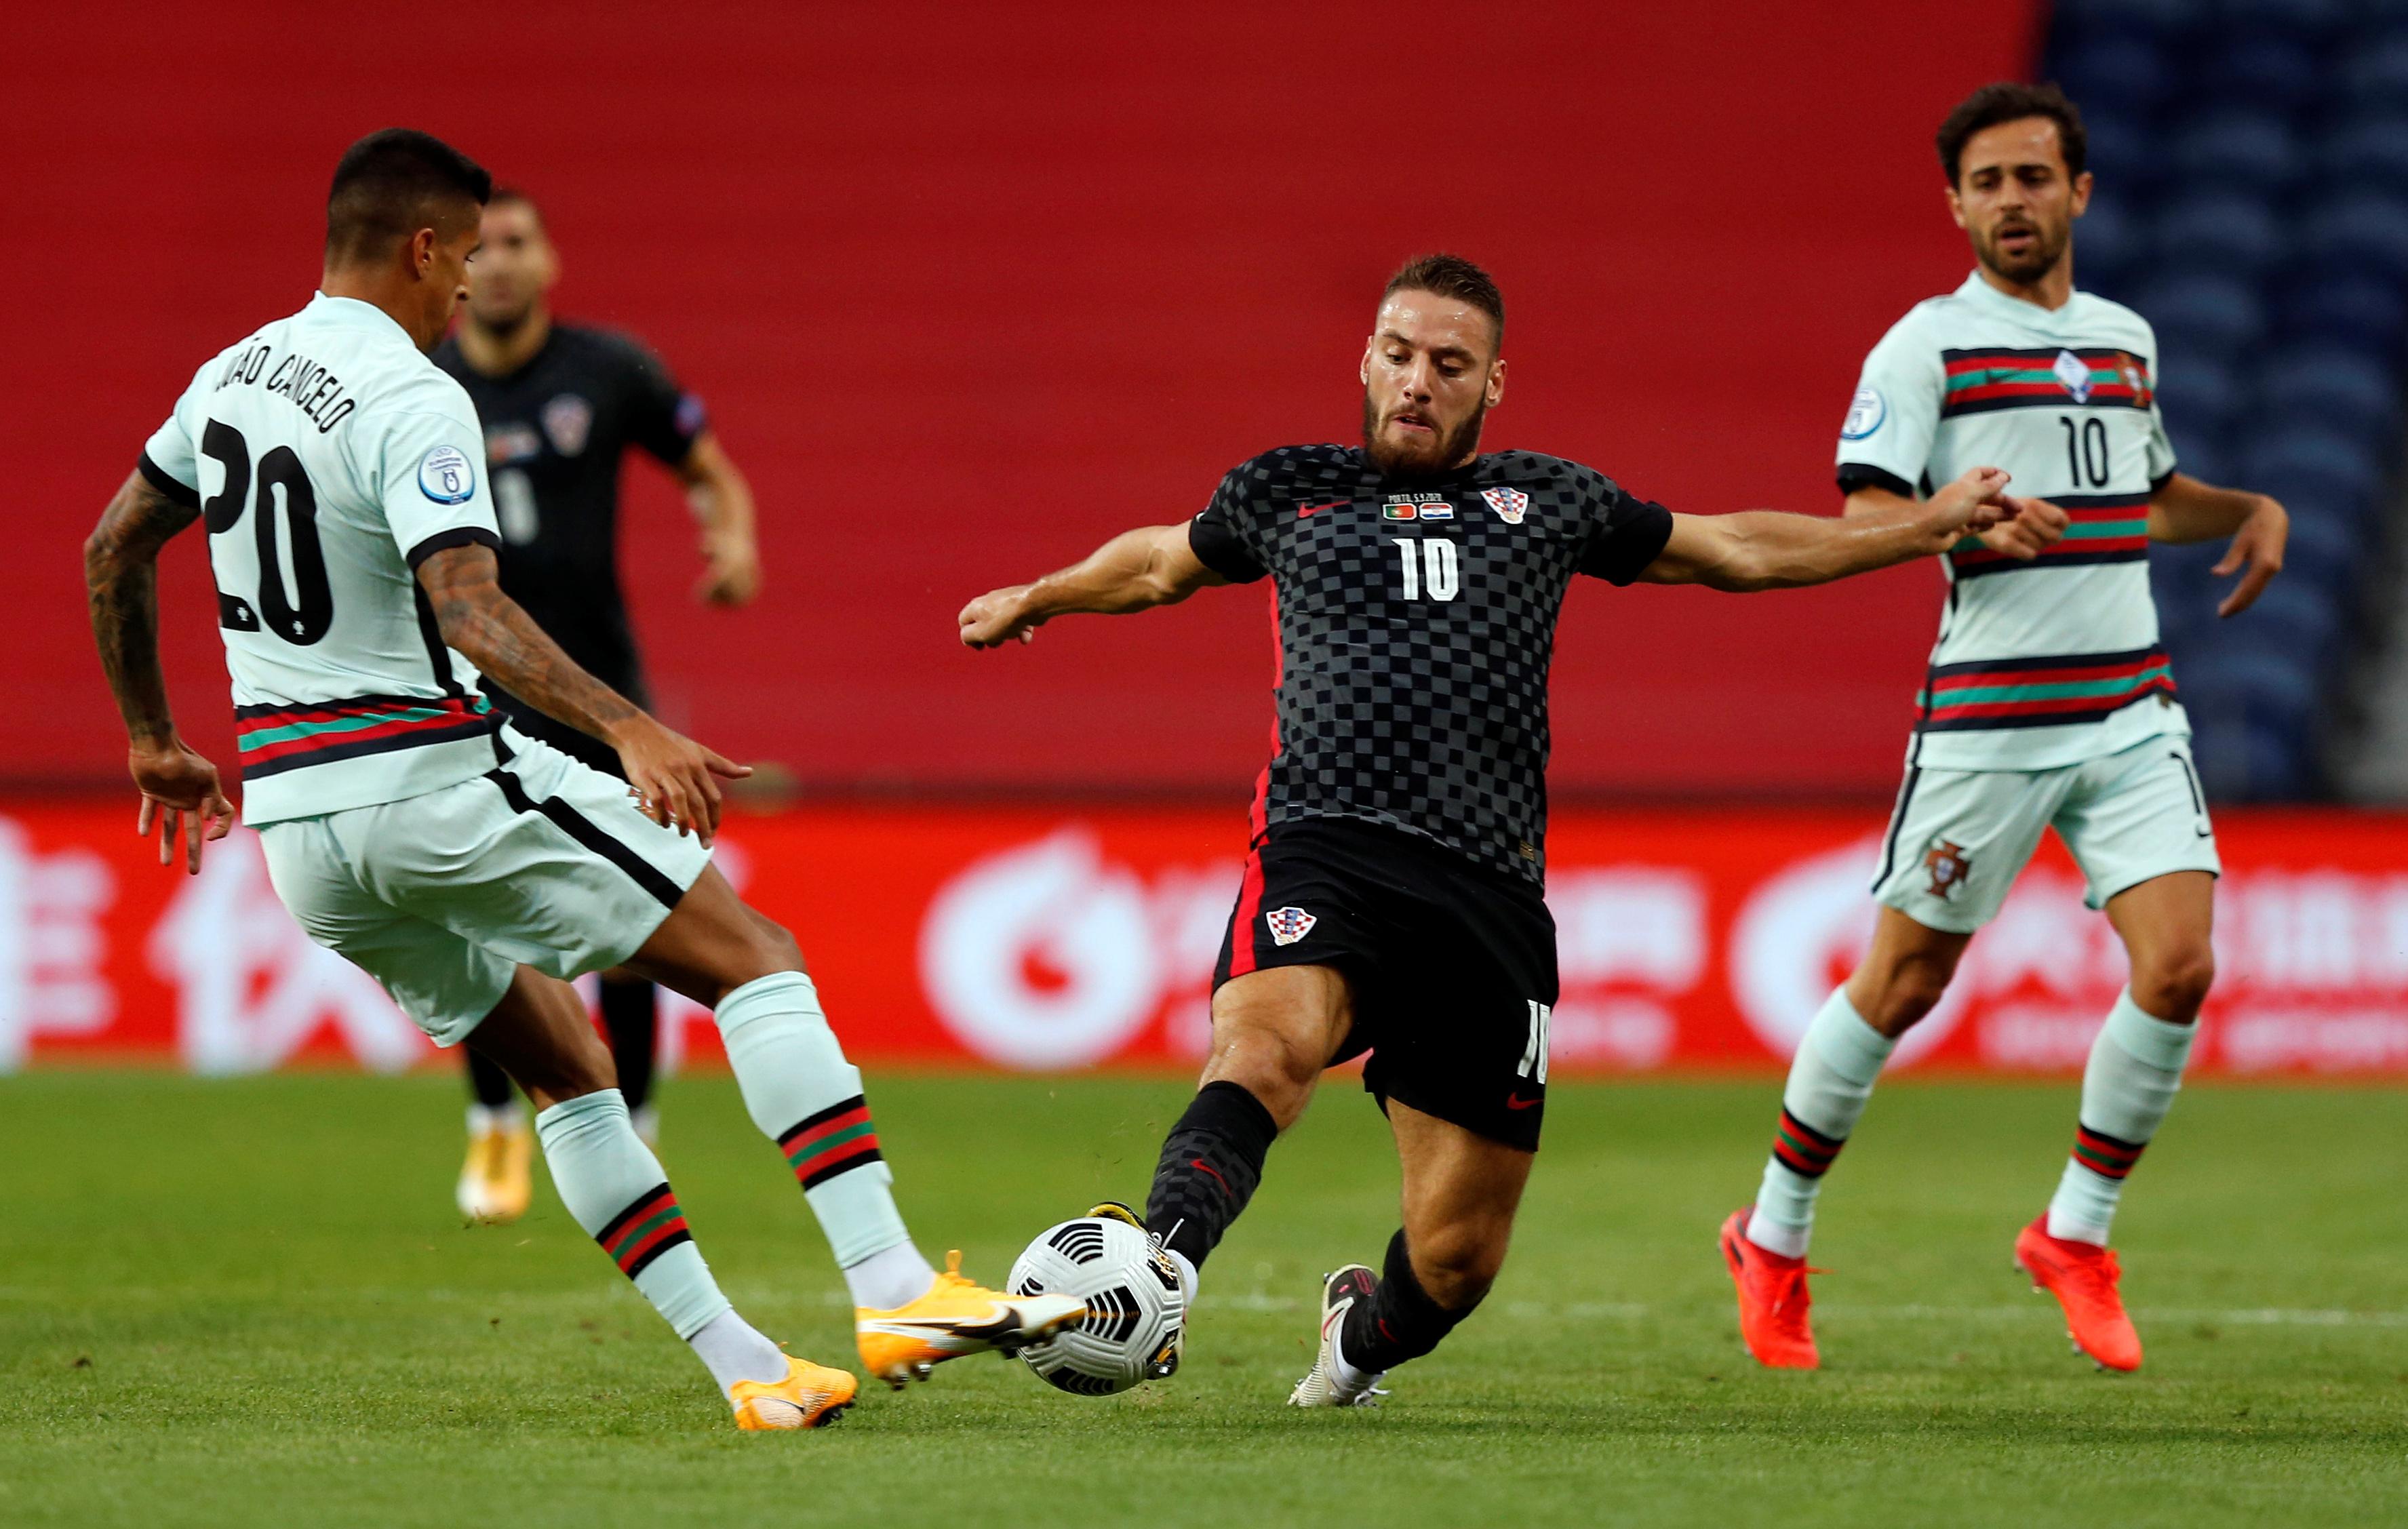 كانسيلو فى كرة مشتركة مع لاعب كرواتيا